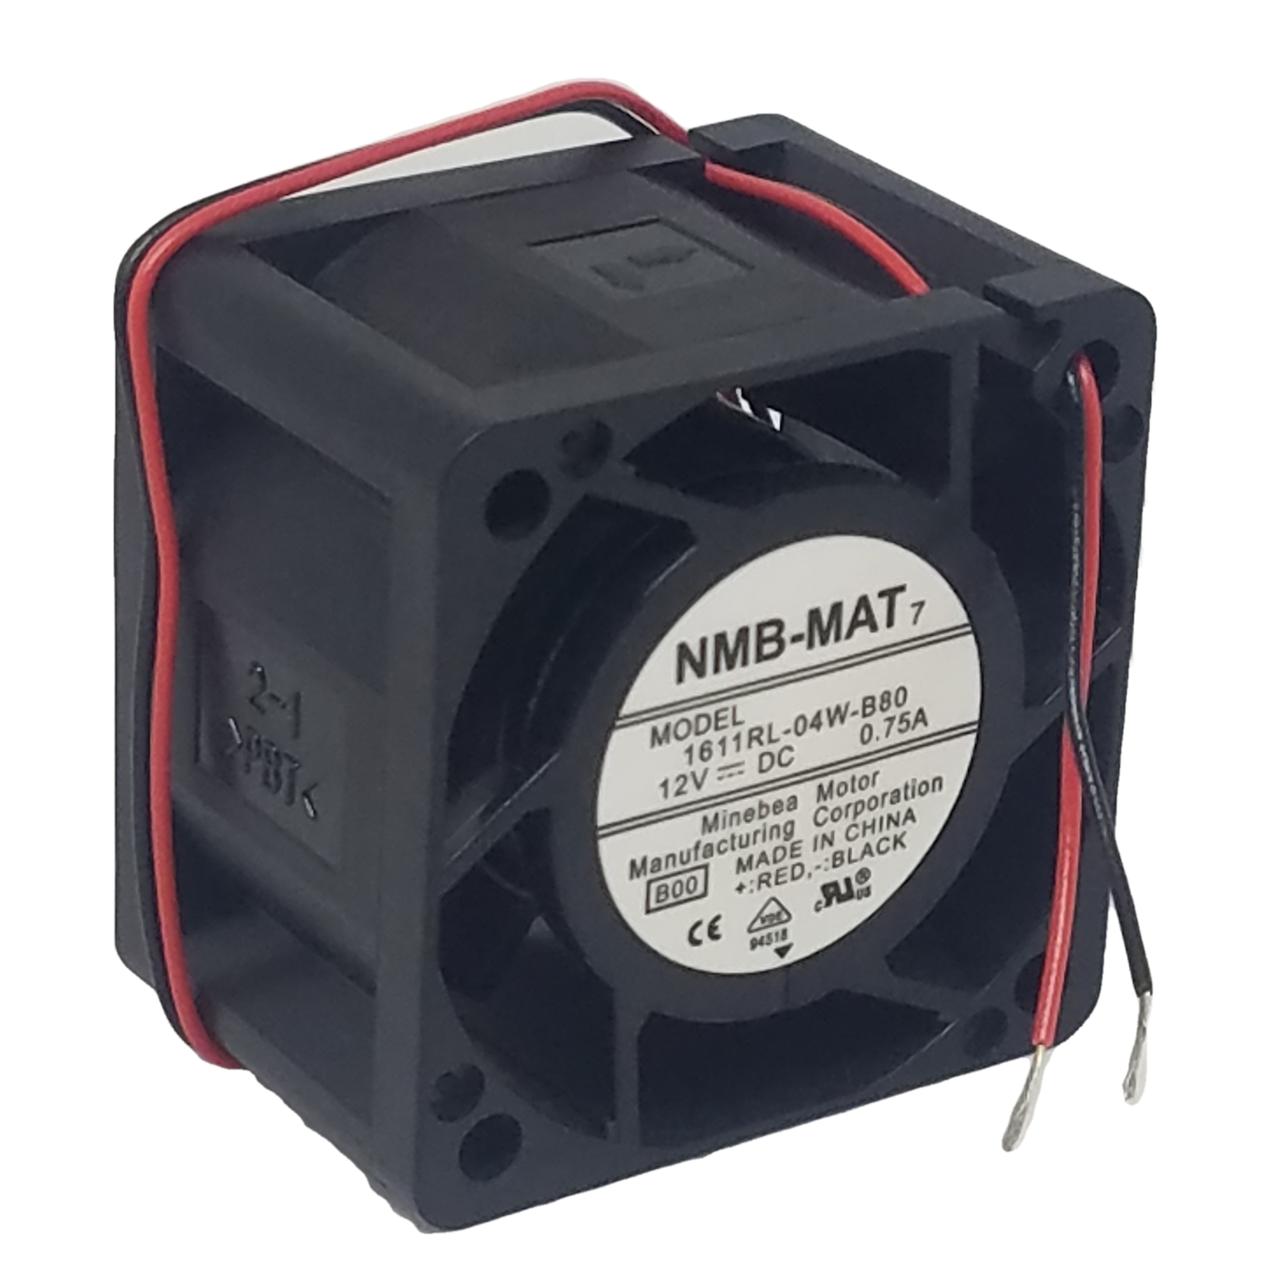 fan nmb cpu mat original fans mats